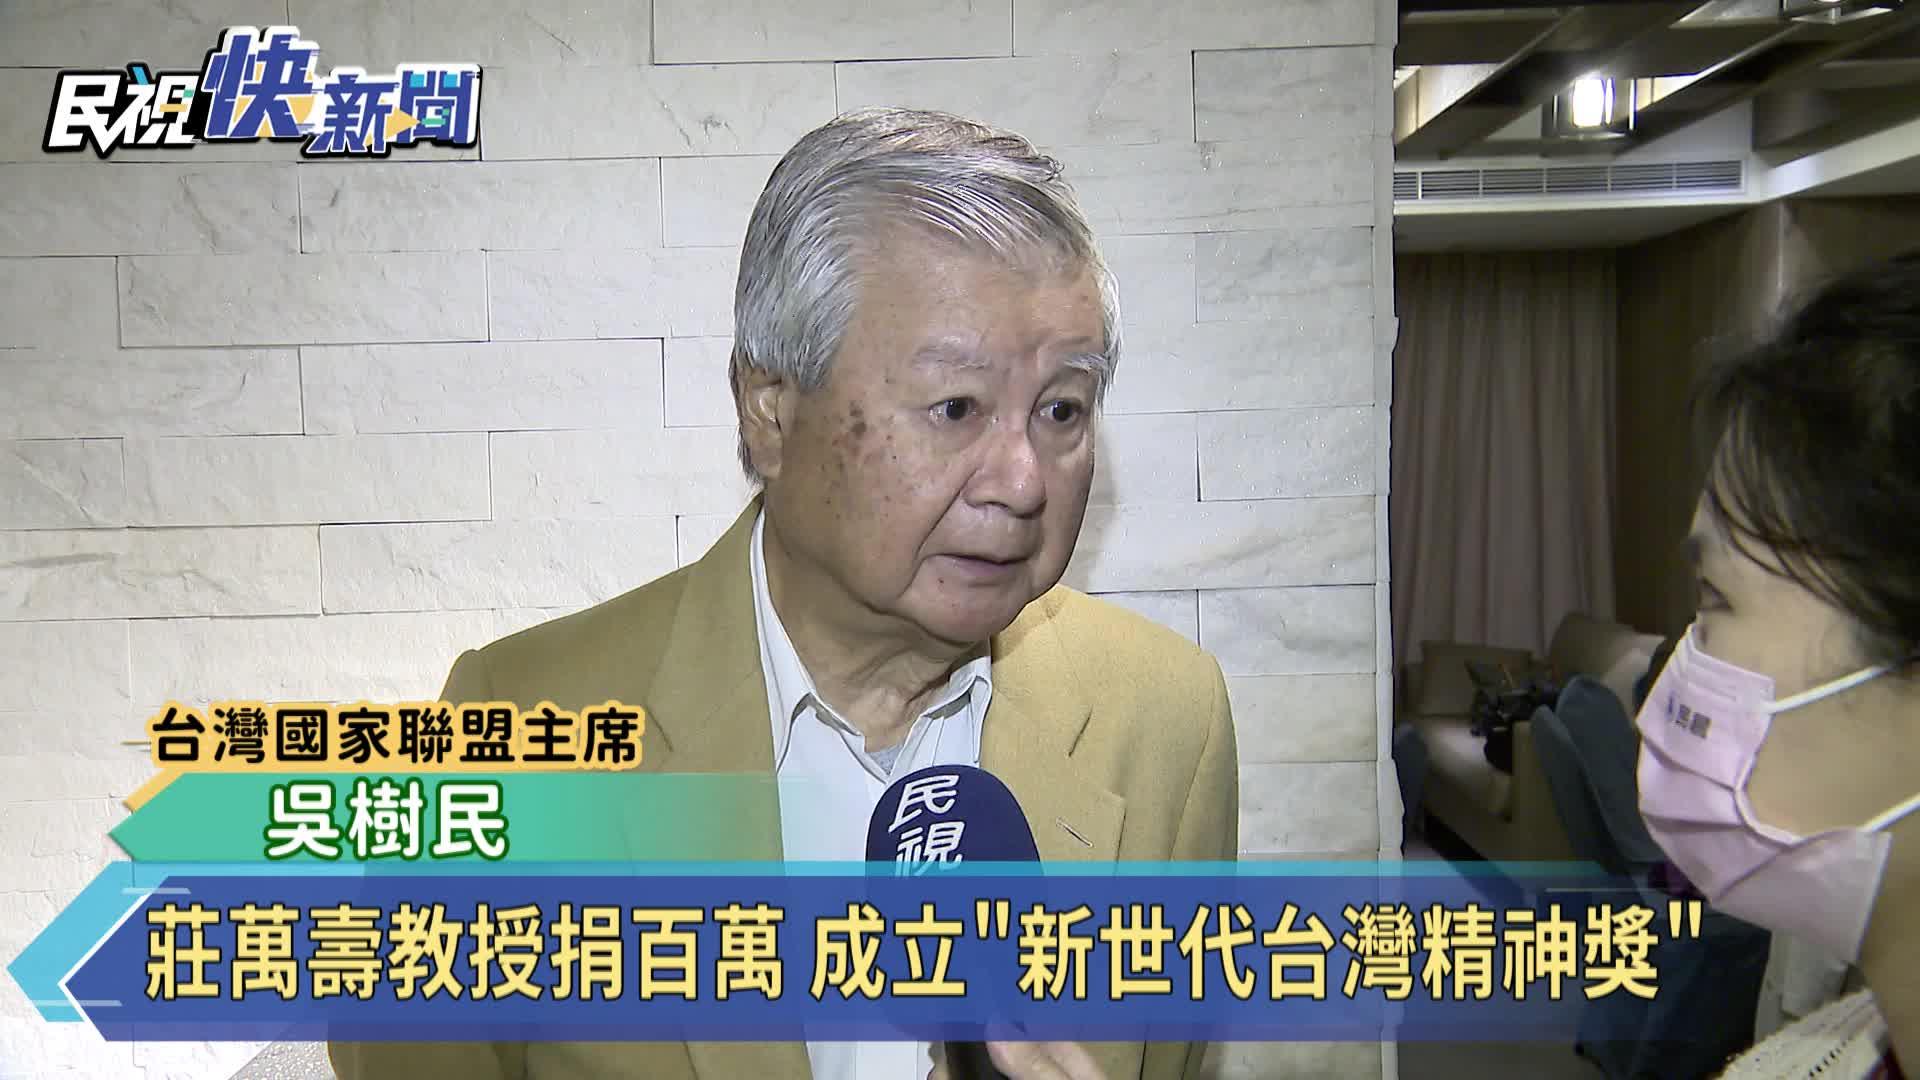 抗癌教授獻愛心!莊萬壽捐一百萬元 成立「新世代台灣精神獎」